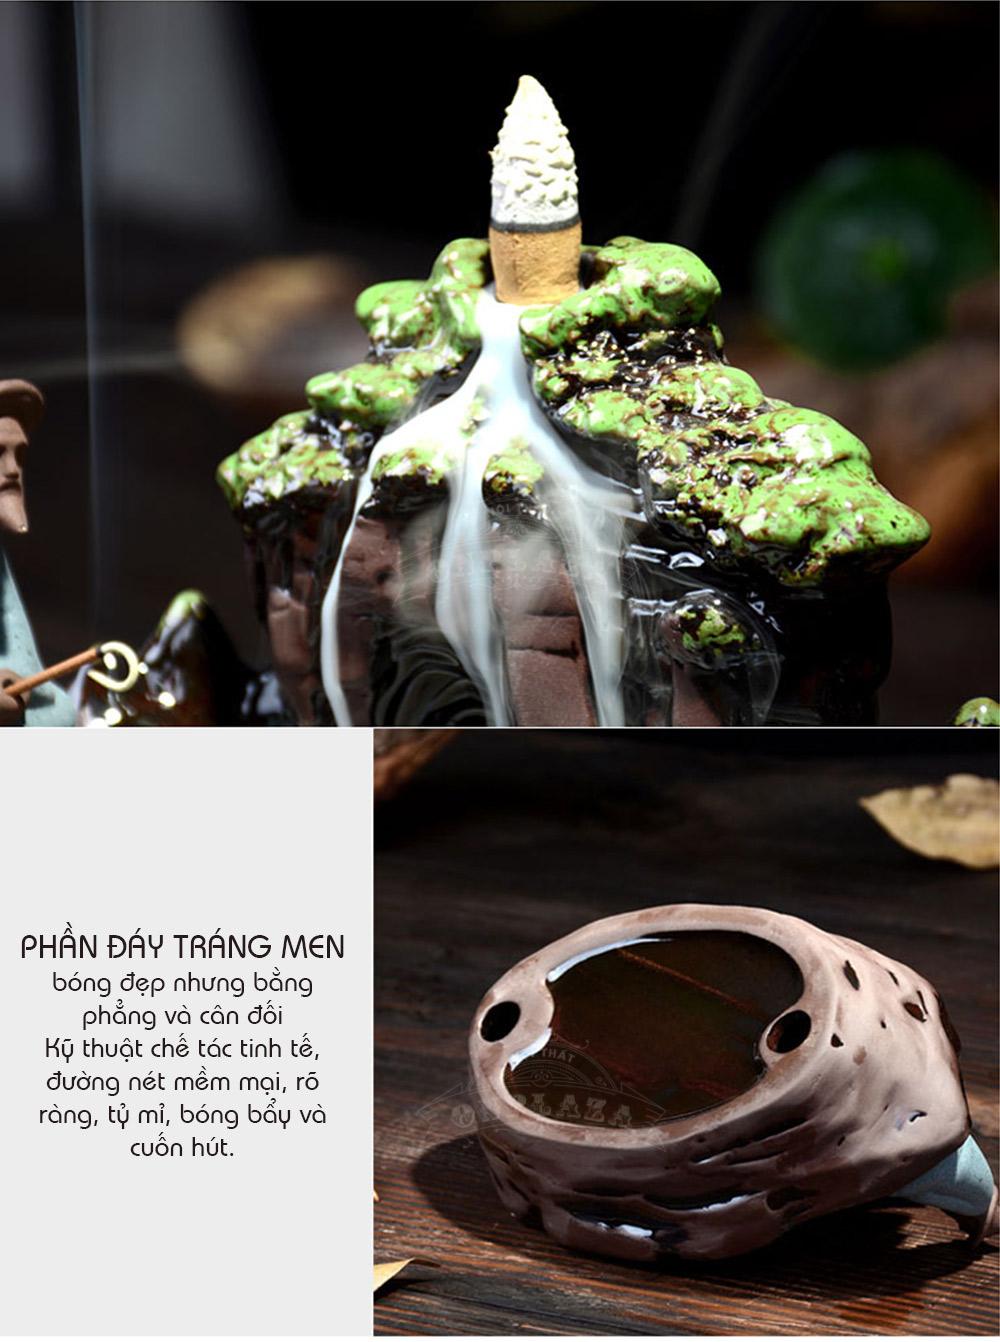 Khay đốt trầm hương khói ngược bằng gốm